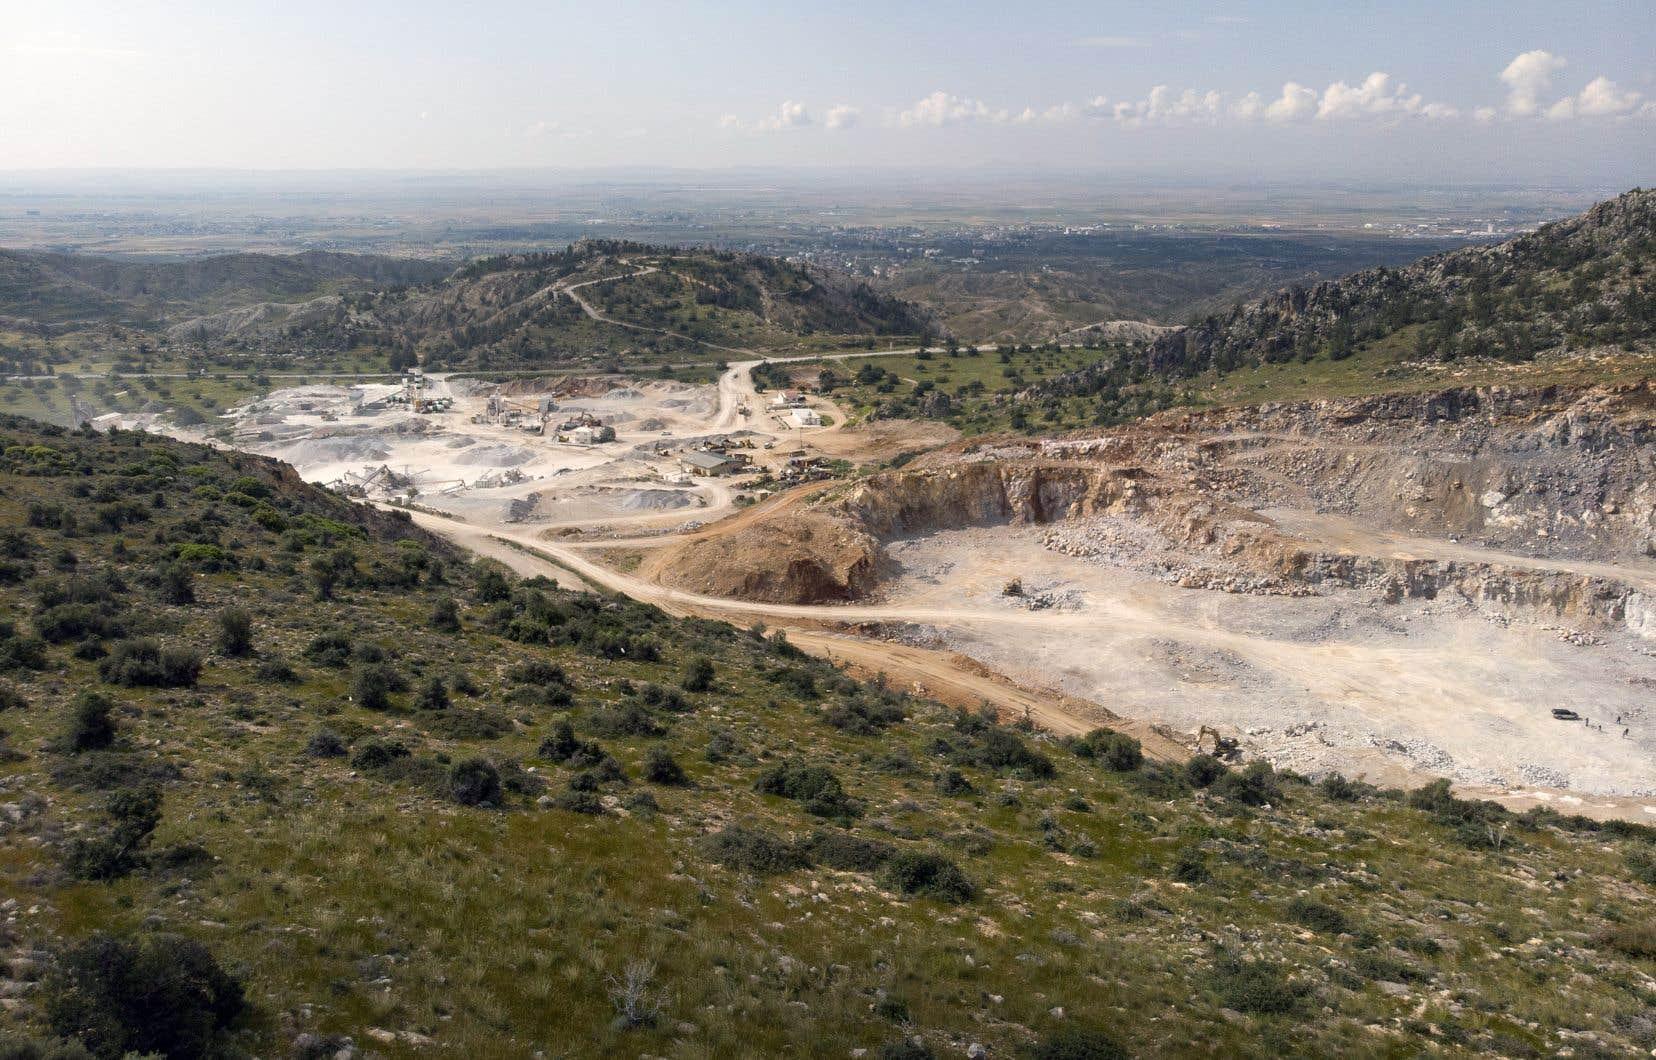 Le pan de montagne près de Degirmenlik, au cœur de l'autoproclamée République turque de Chypre du Nord, apparaît rongé à vif.